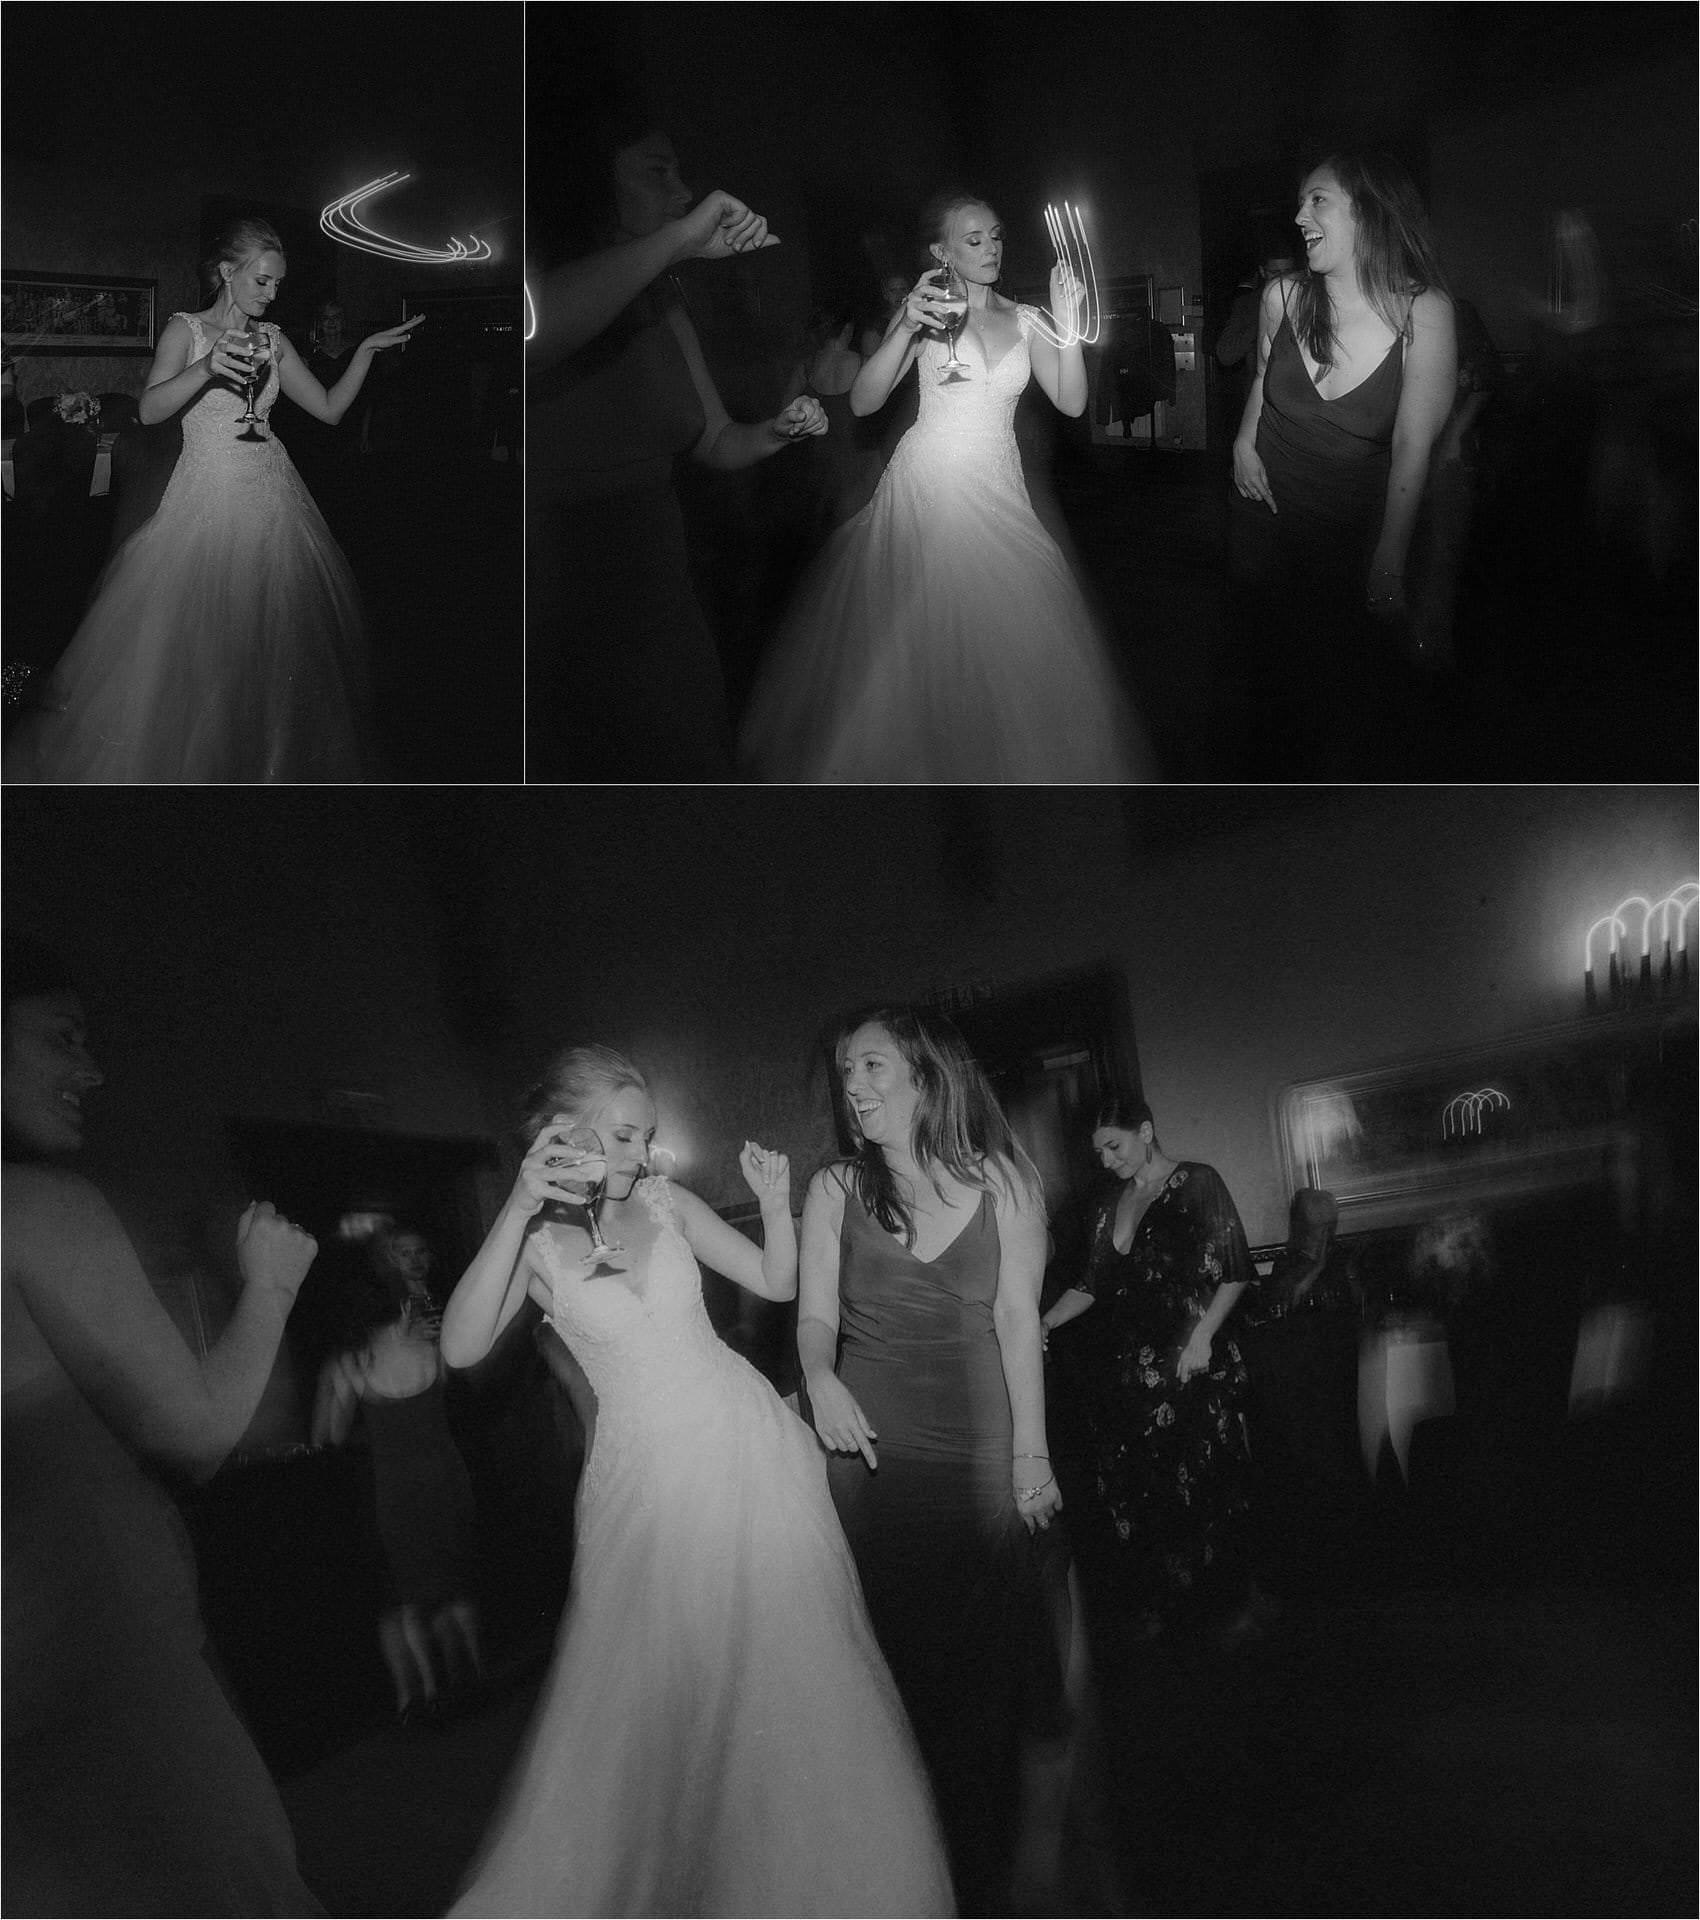 scottish wedding dalhousie castle first dance